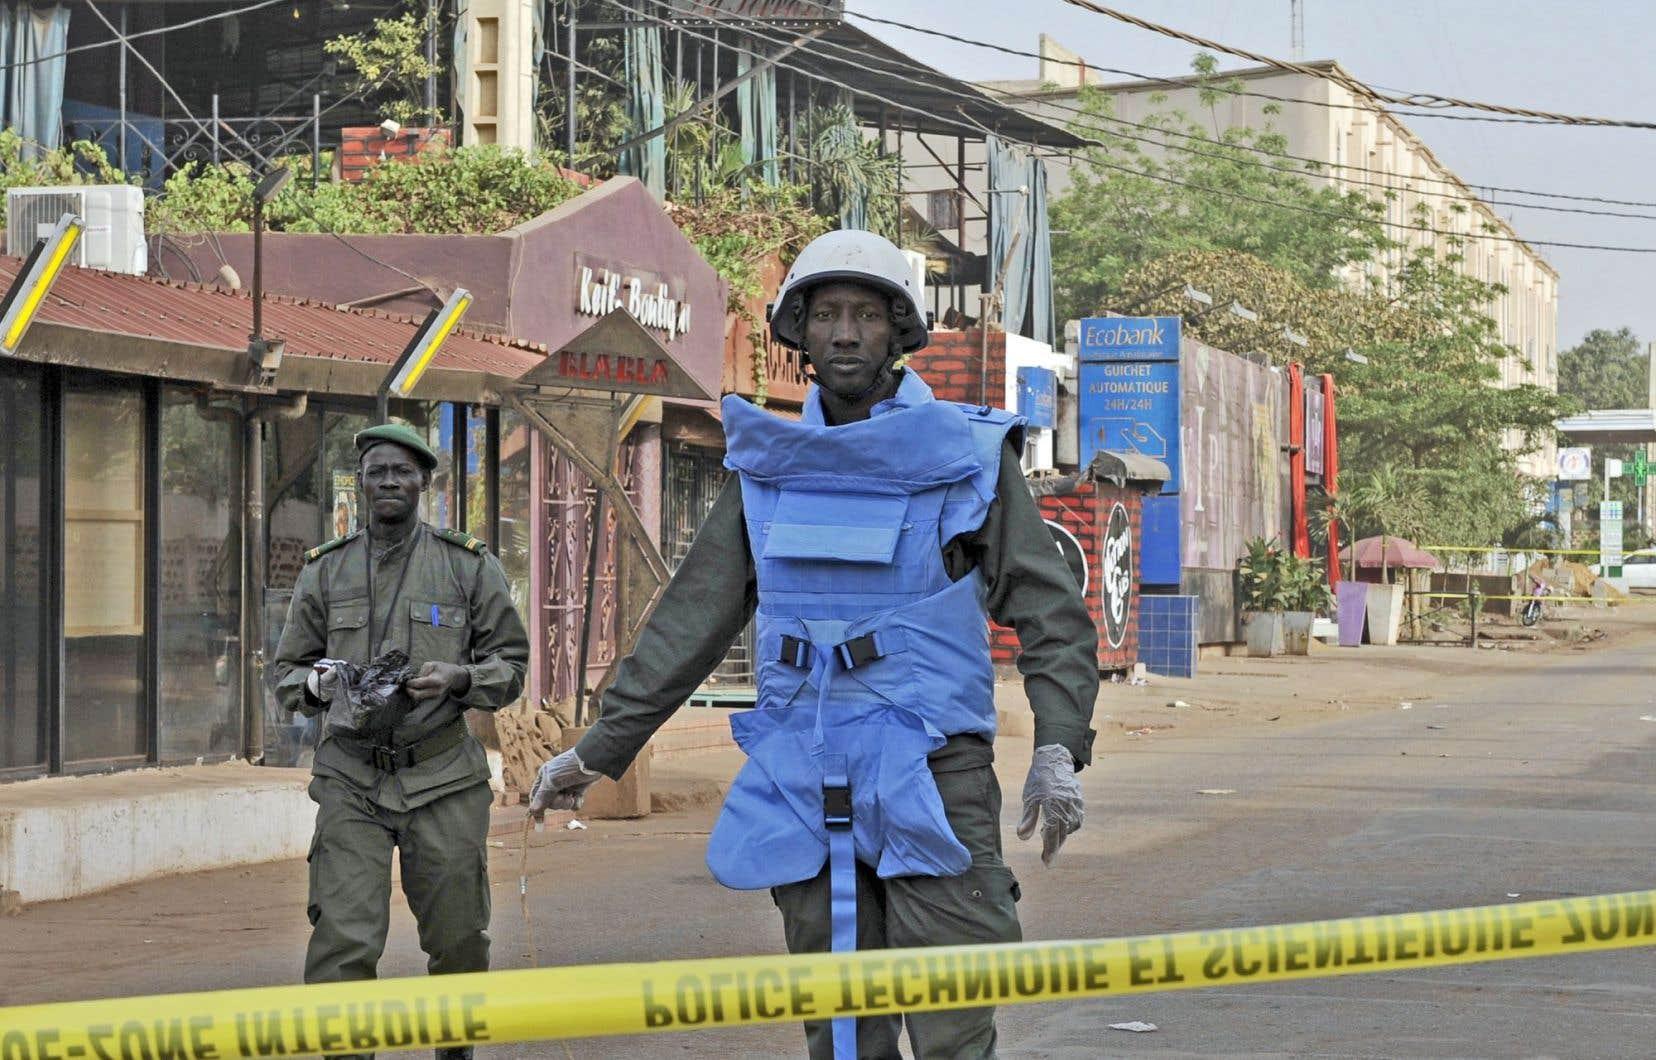 Des policiers patrouillaient près du restaurant La Terrasse samedi, à Bamako, où cinq personnes ont été tuées, dont deux étrangers européens.